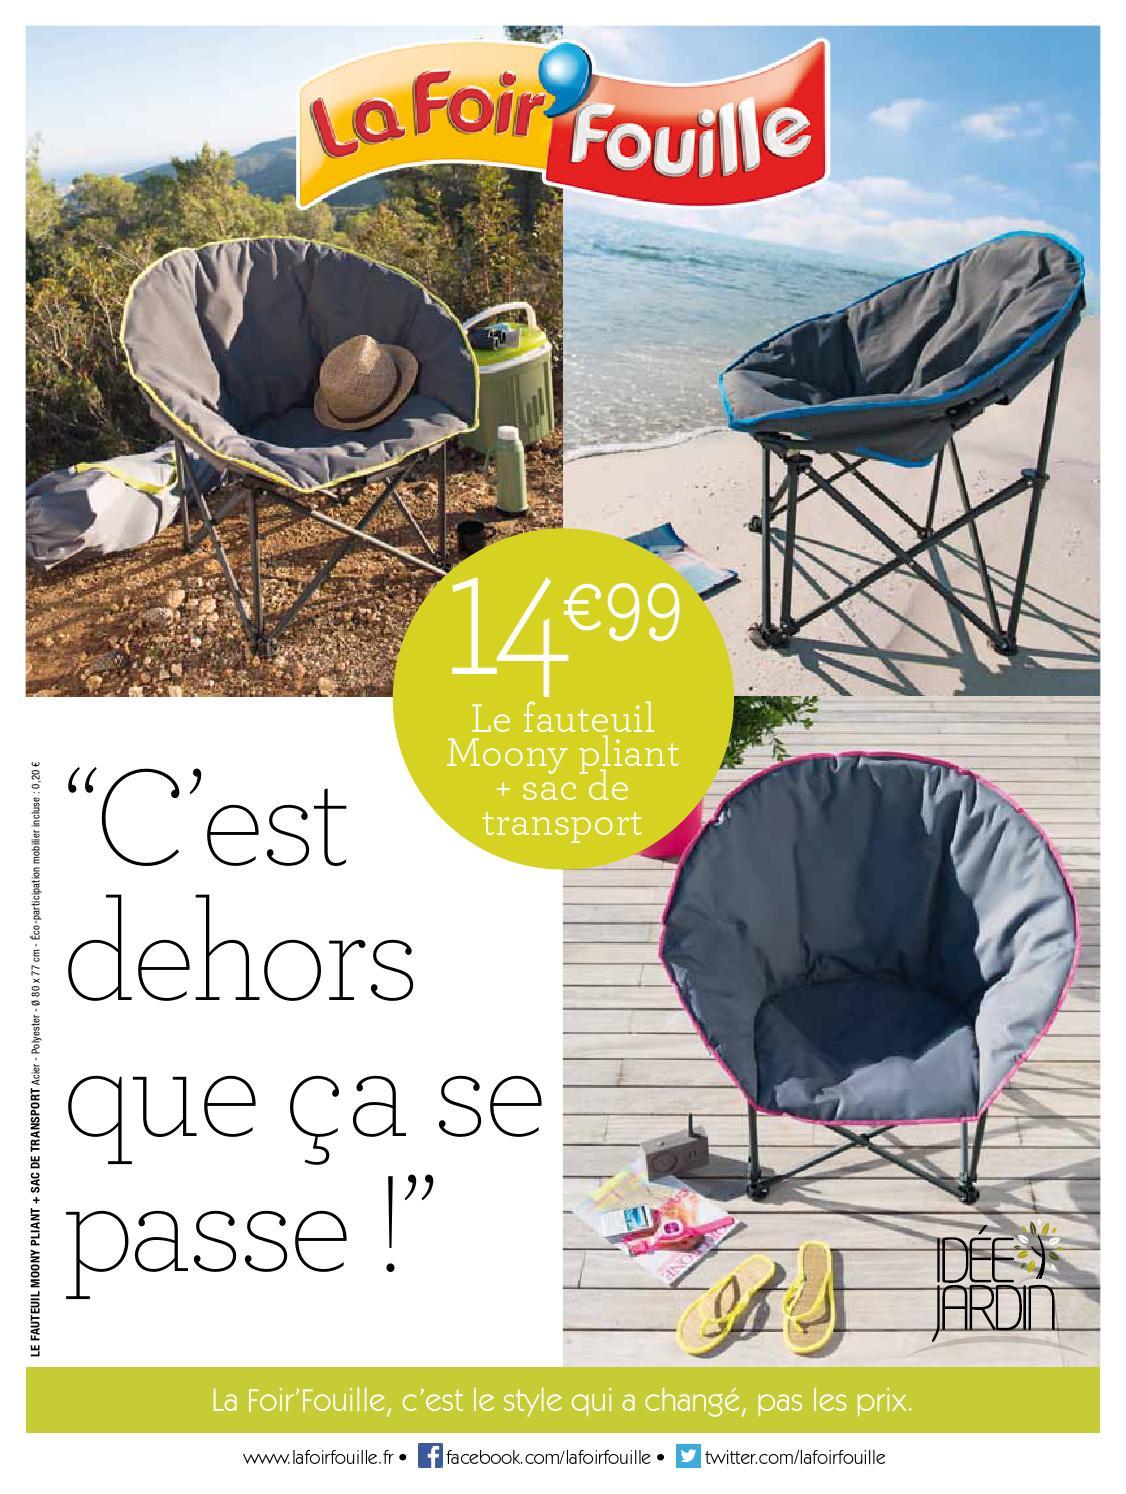 Catalogue La Foir Fouille - C'est Dehors Que Ça Se Passe! By ... destiné Salon De Jardin La Foir Fouille